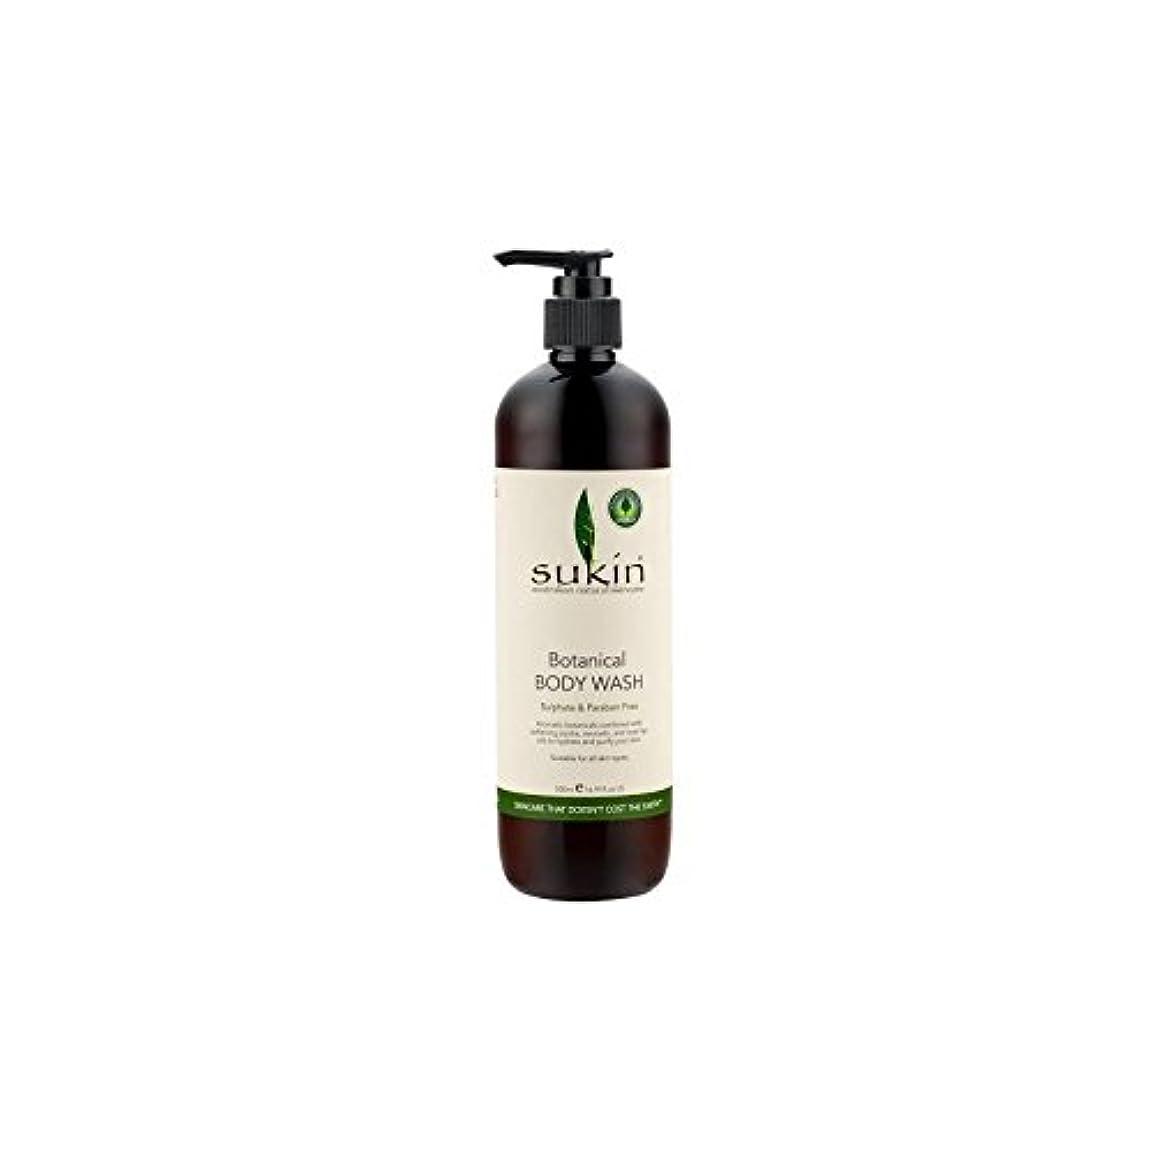 シーフード病気のびっくりするSukin Botanical Body Wash (500ml) - 植物ボディウォッシュ(500ミリリットル) [並行輸入品]